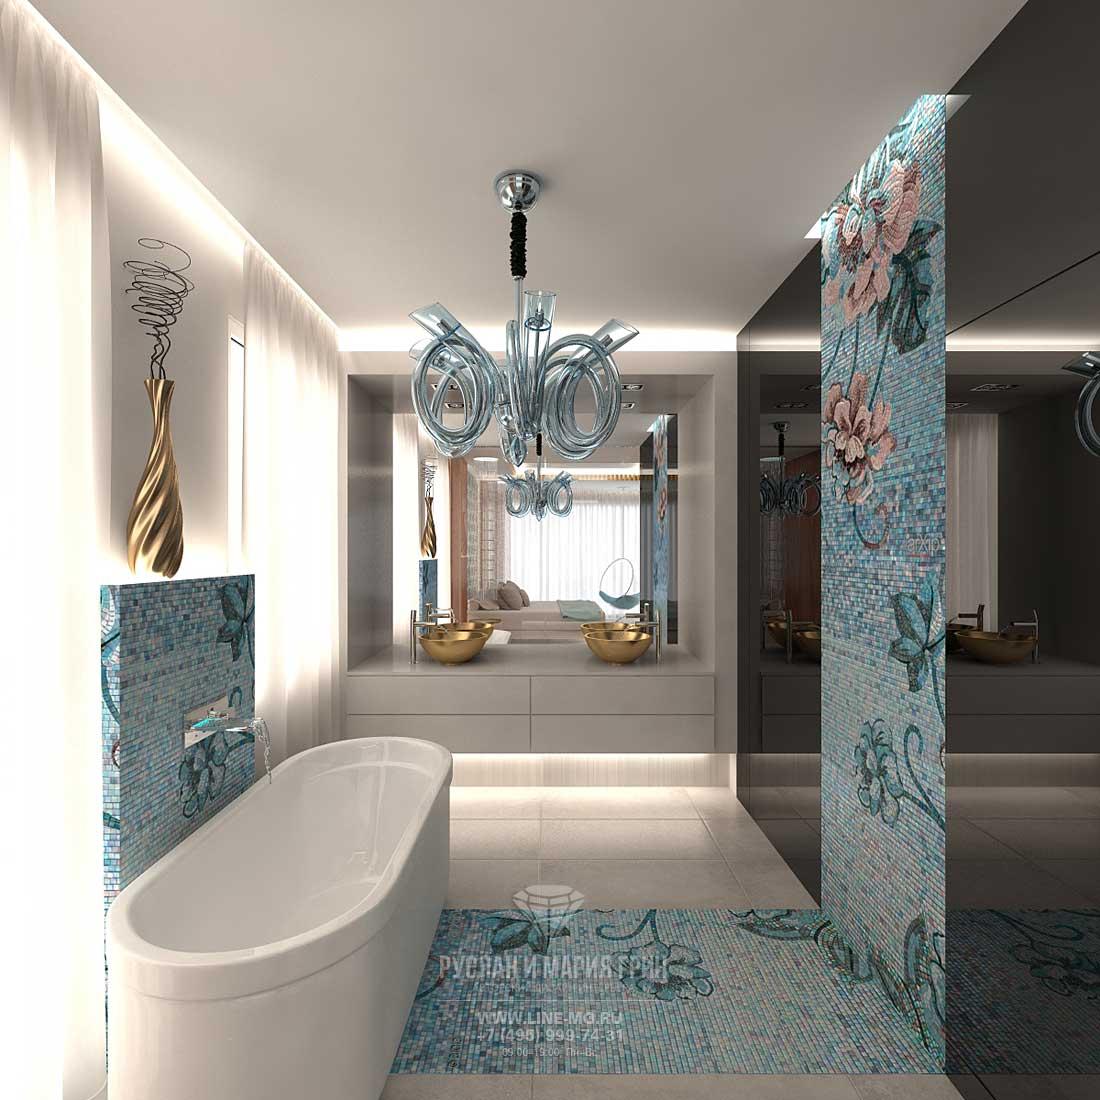 Элитные российские ванные комнаты смесители немецкие купить в